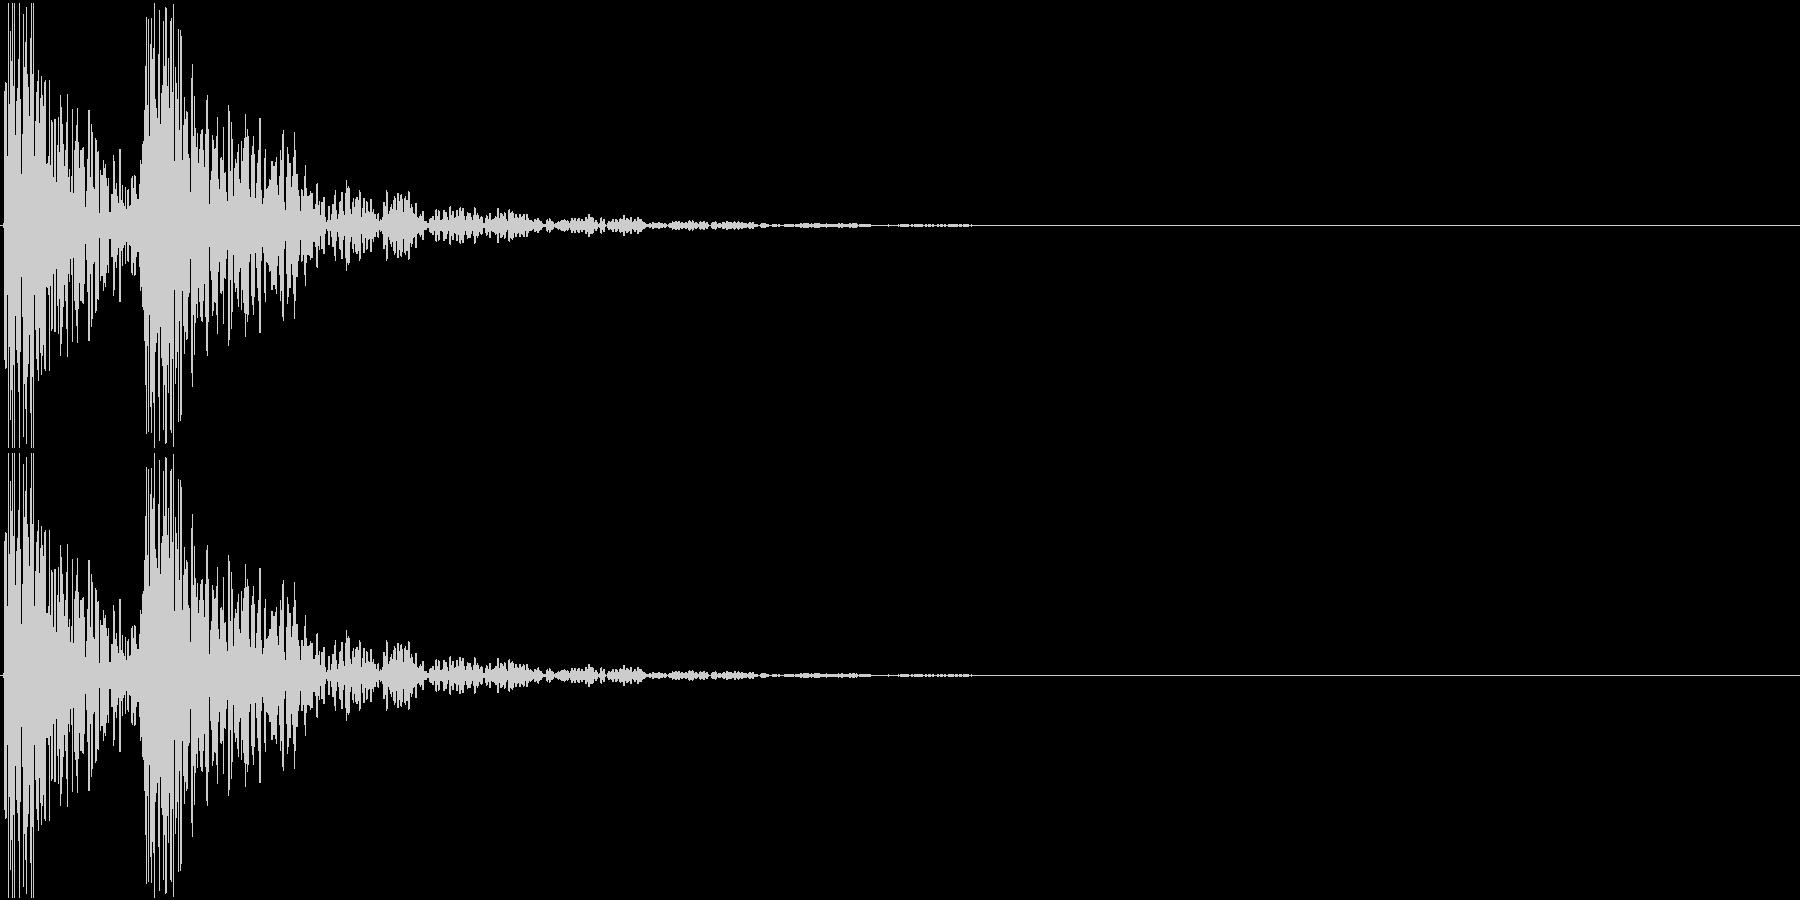 [[ドンドン!]] 和太鼓の音 2発の未再生の波形